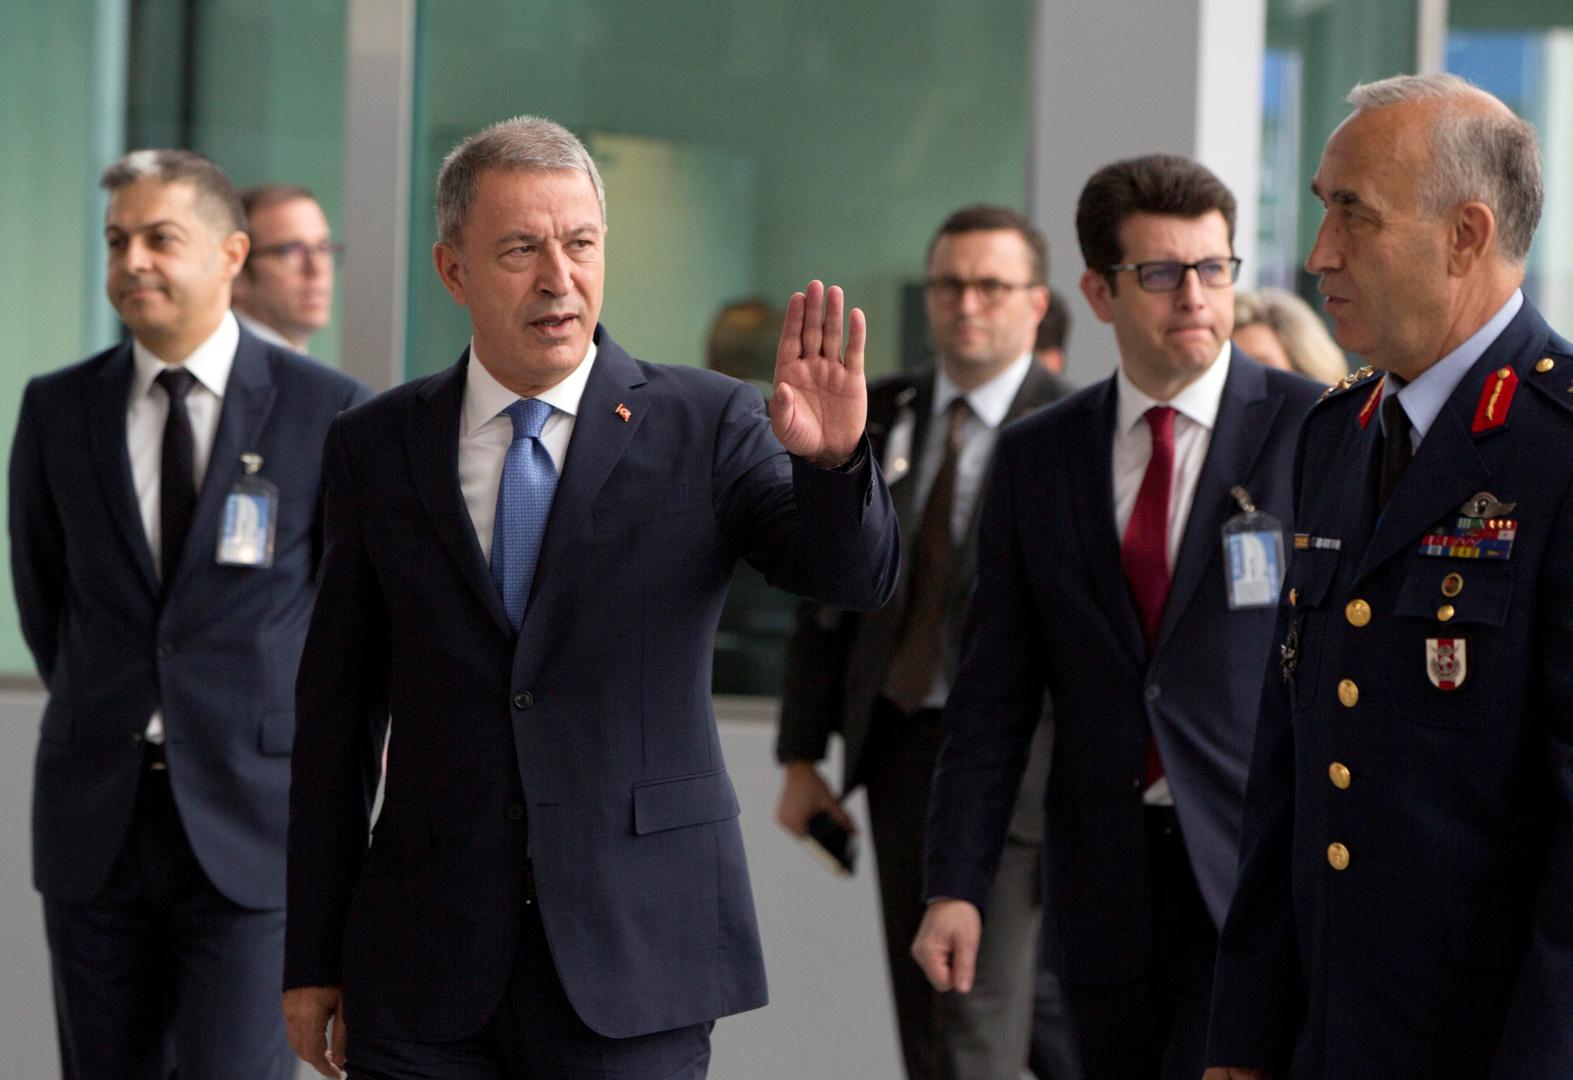 وزير الدفاع التركي يعقد اجتماعا ثلاثيا مع وزيري داخلية ليبيا ومالطا بأنقرة